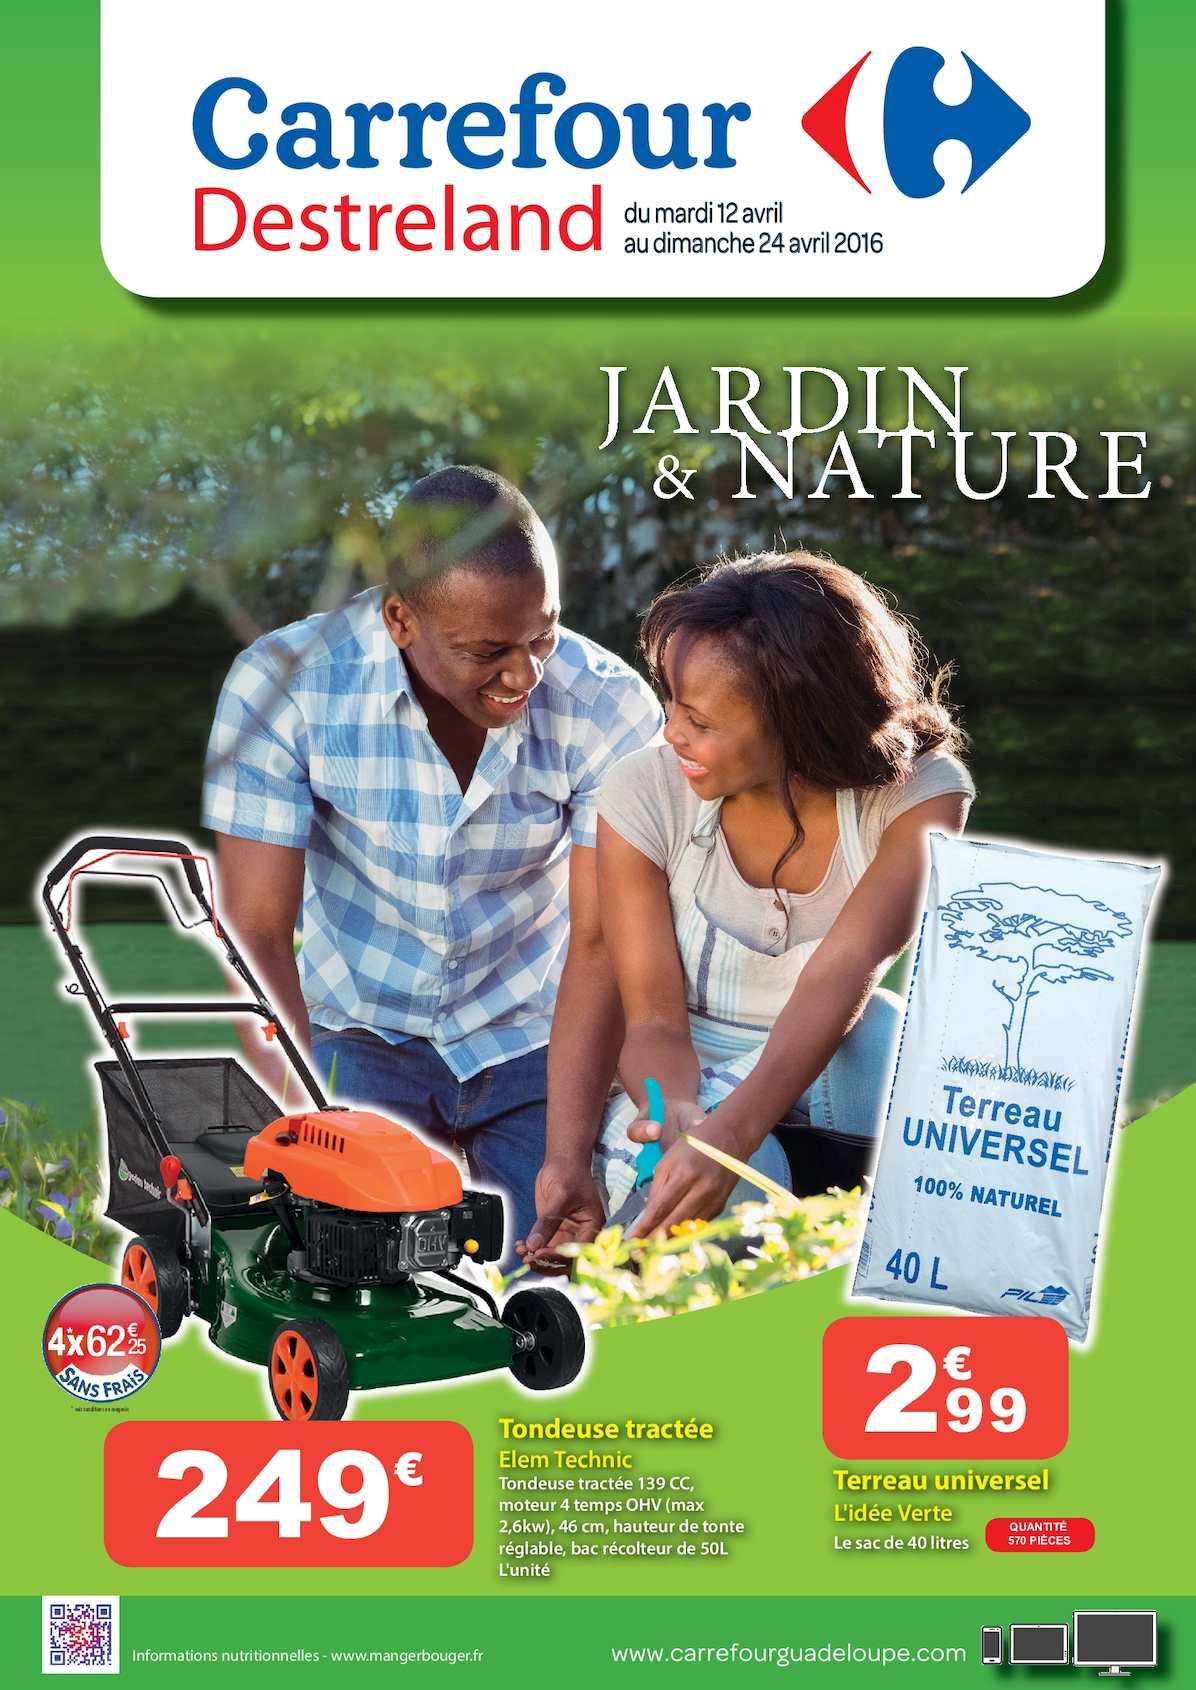 Calaméo - Carrefour Catalogue Jardin & Nature pour Salon Jardin Resine Tressee Carrefour